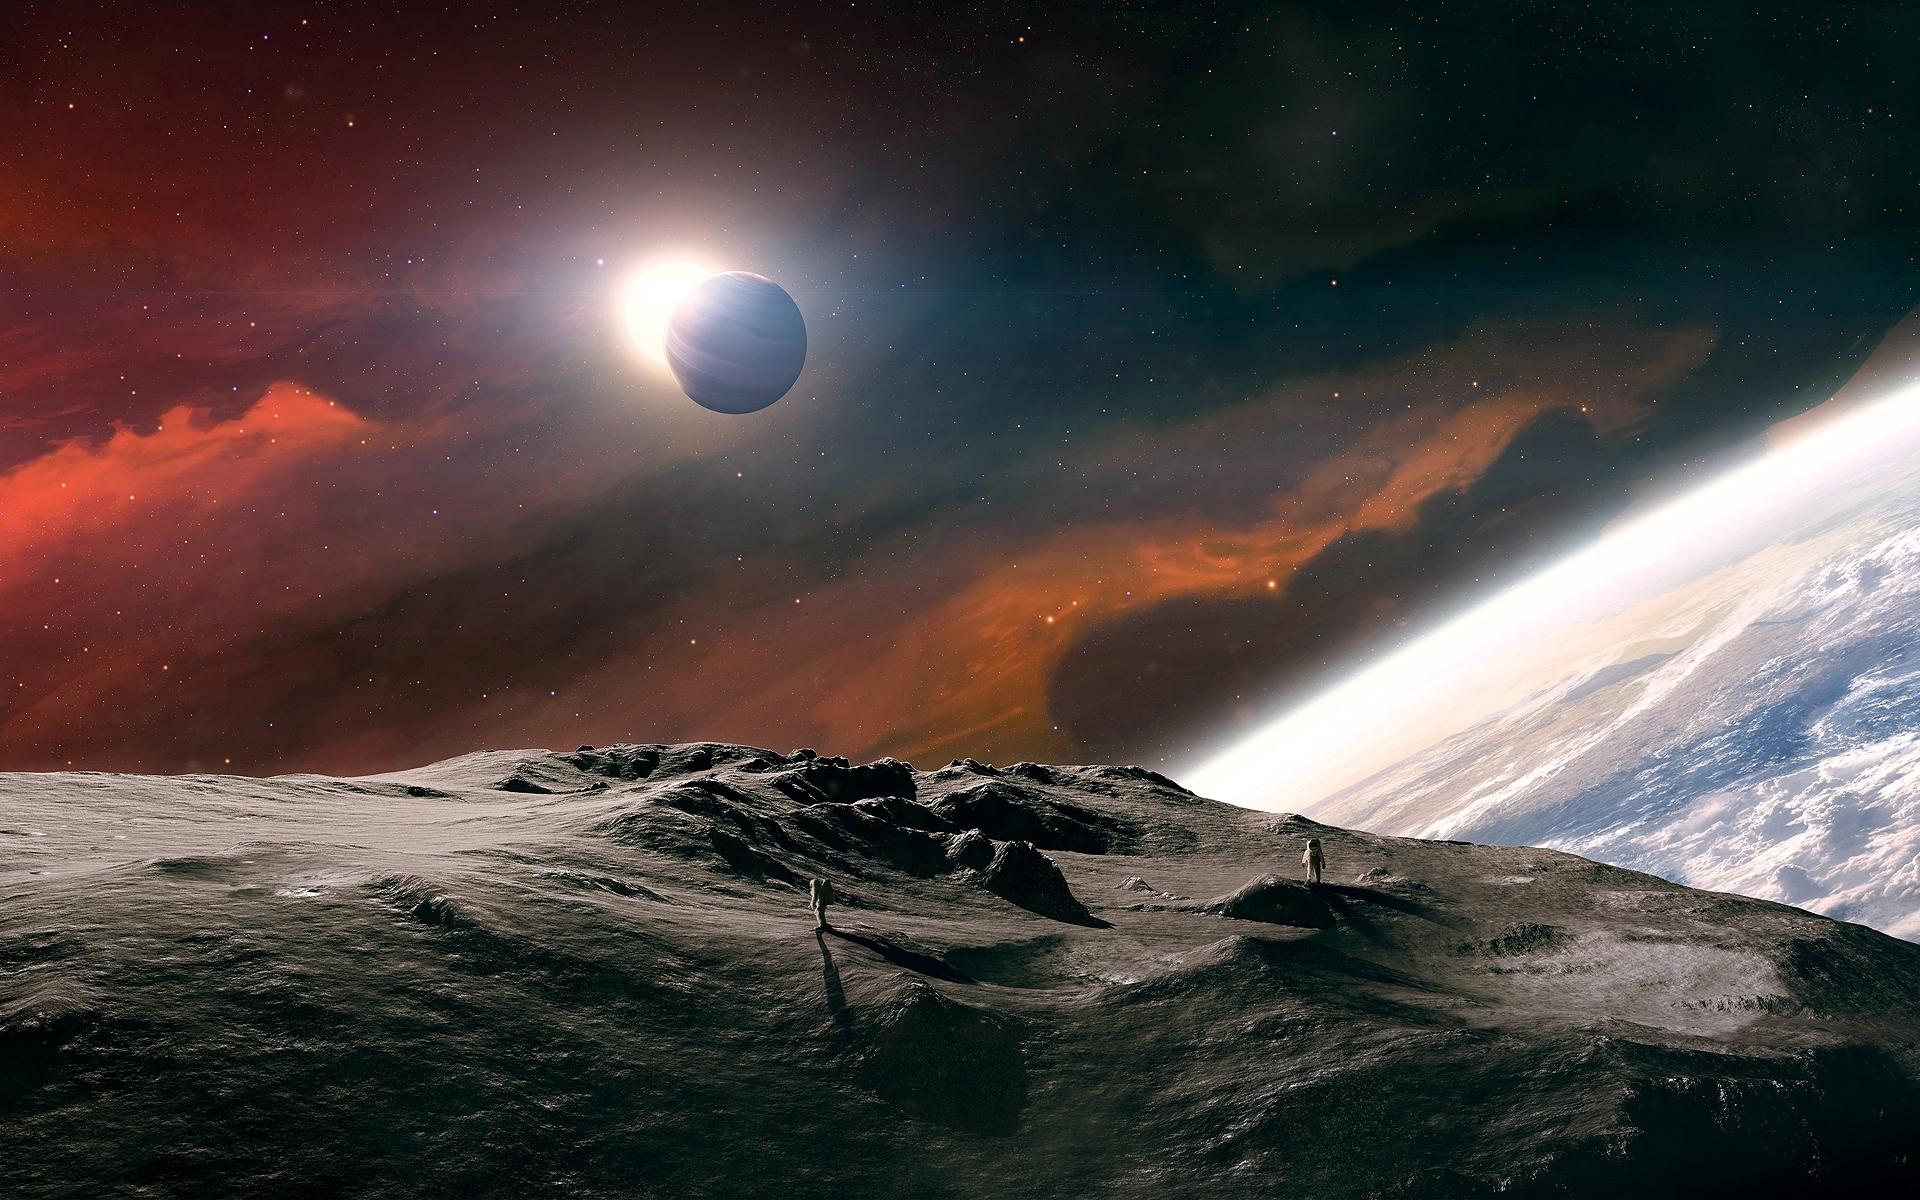 25719 Hintergrundbild herunterladen Fantasie, Planets, Landschaft, Universum - Bildschirmschoner und Bilder kostenlos